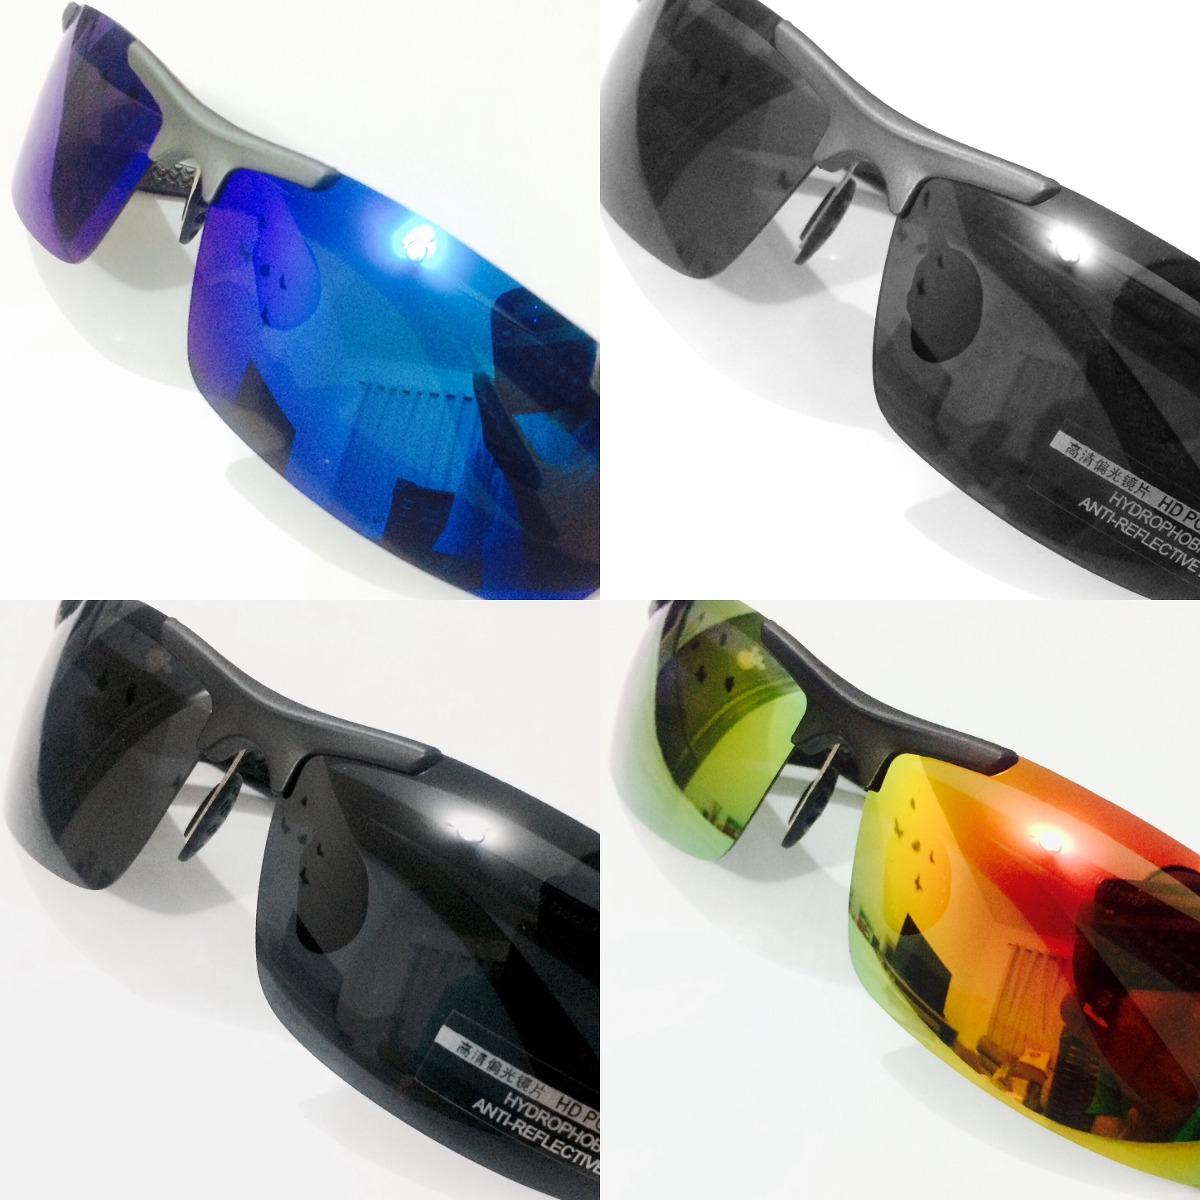 86c810e8bd7db óculos escuros lentes polarizadas esportivo oulaiou 2173. Carregando zoom.